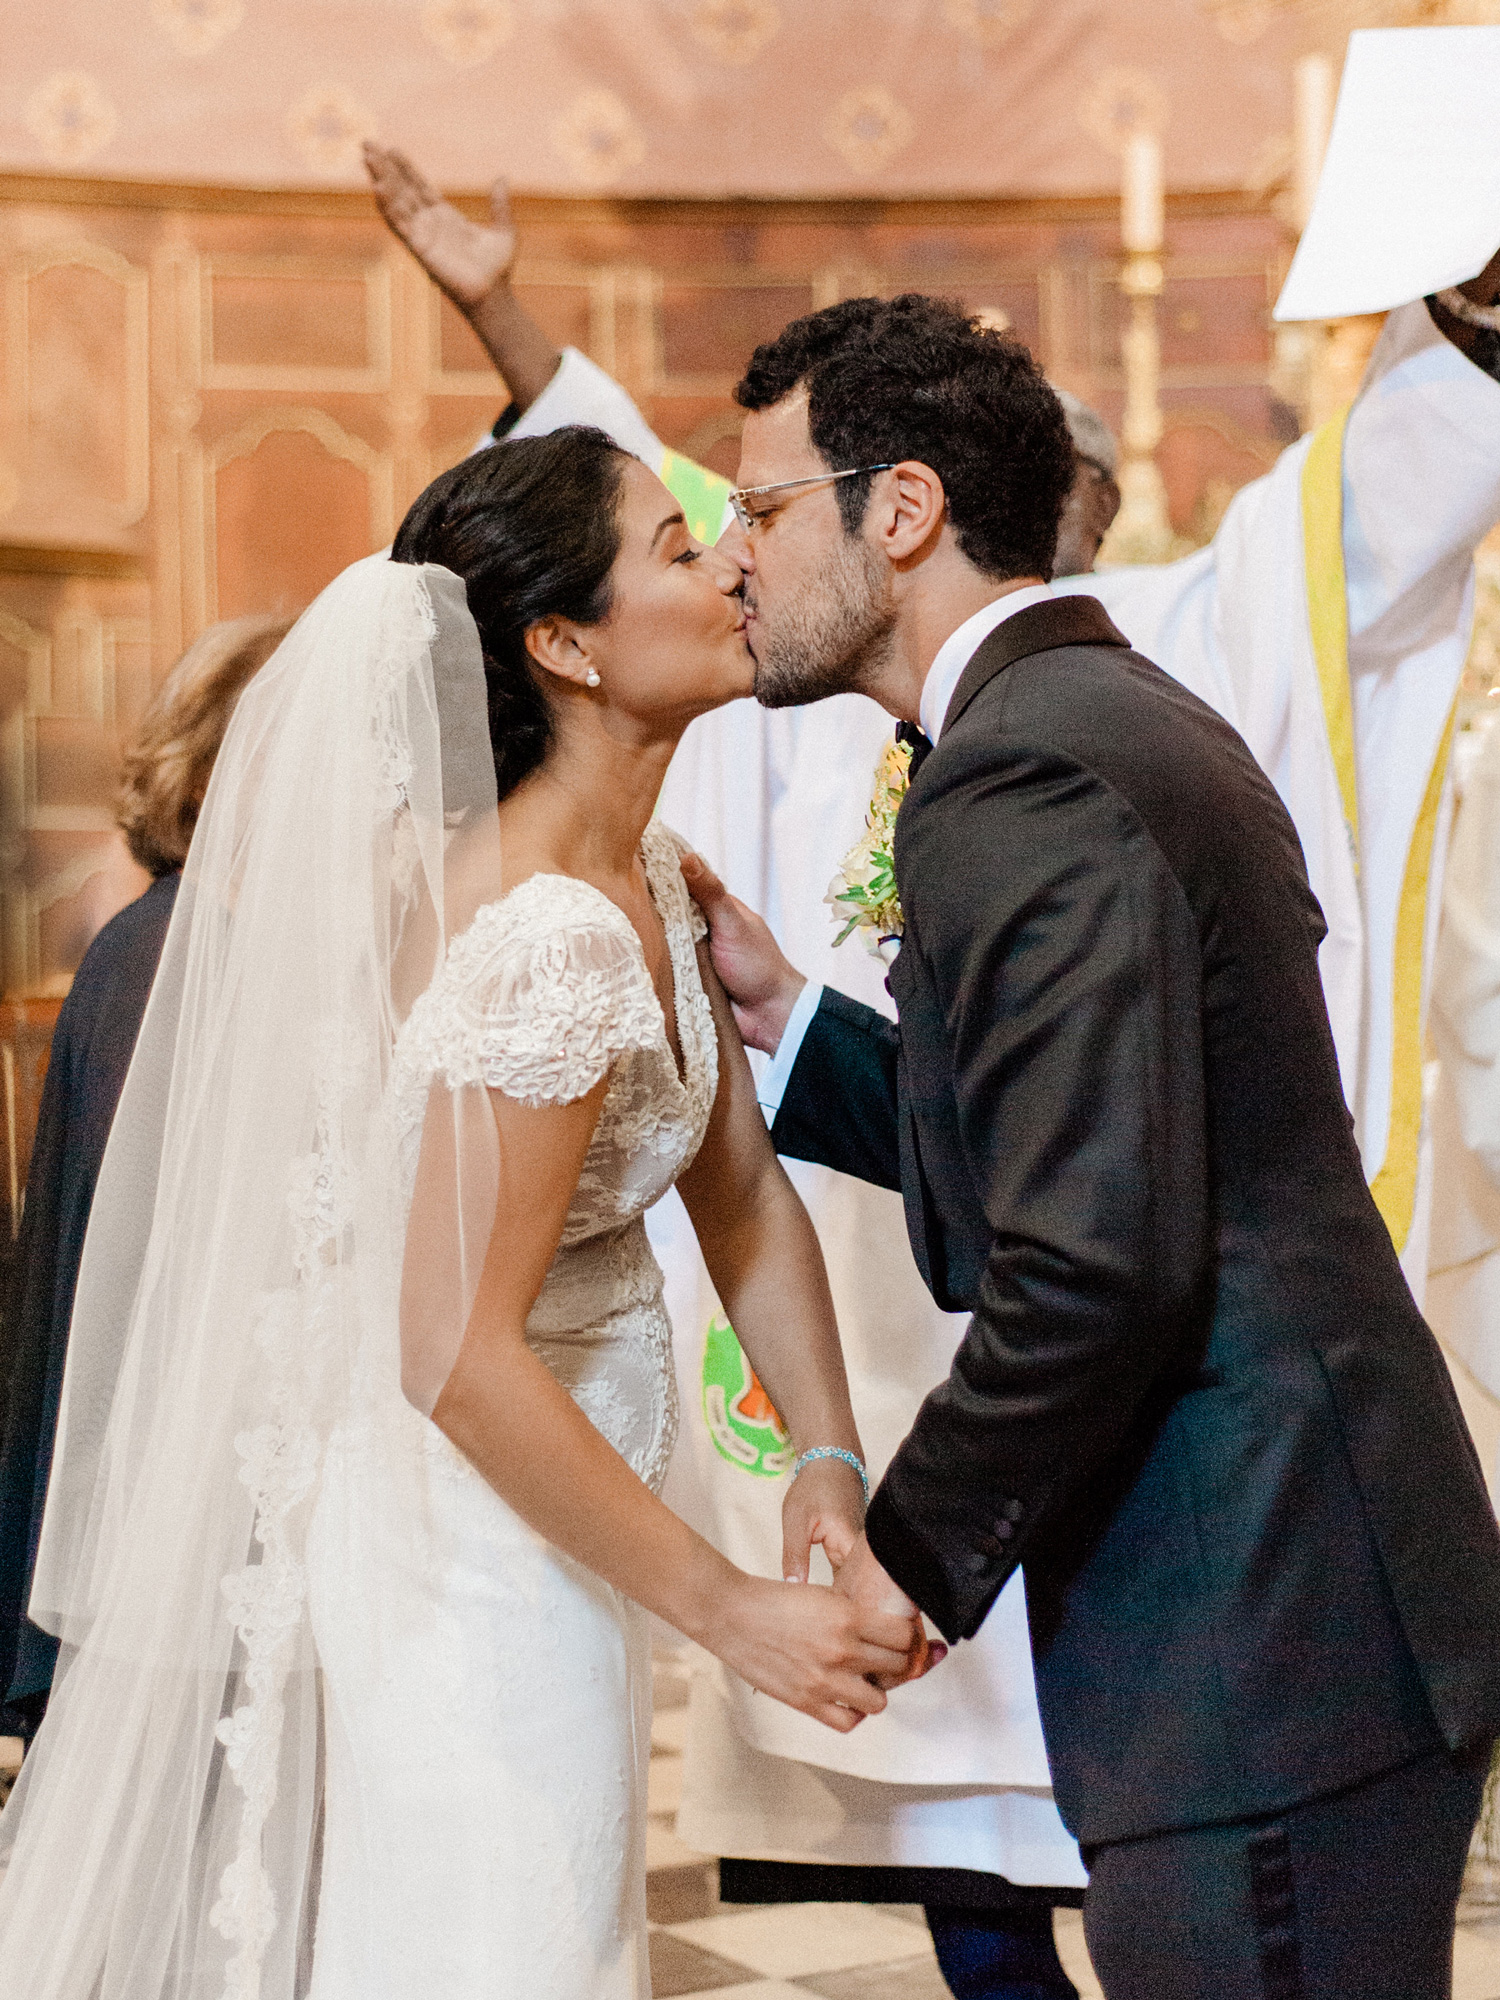 les conditions du mariage catholique à l'église mariage à l'église cérémonie messe aria